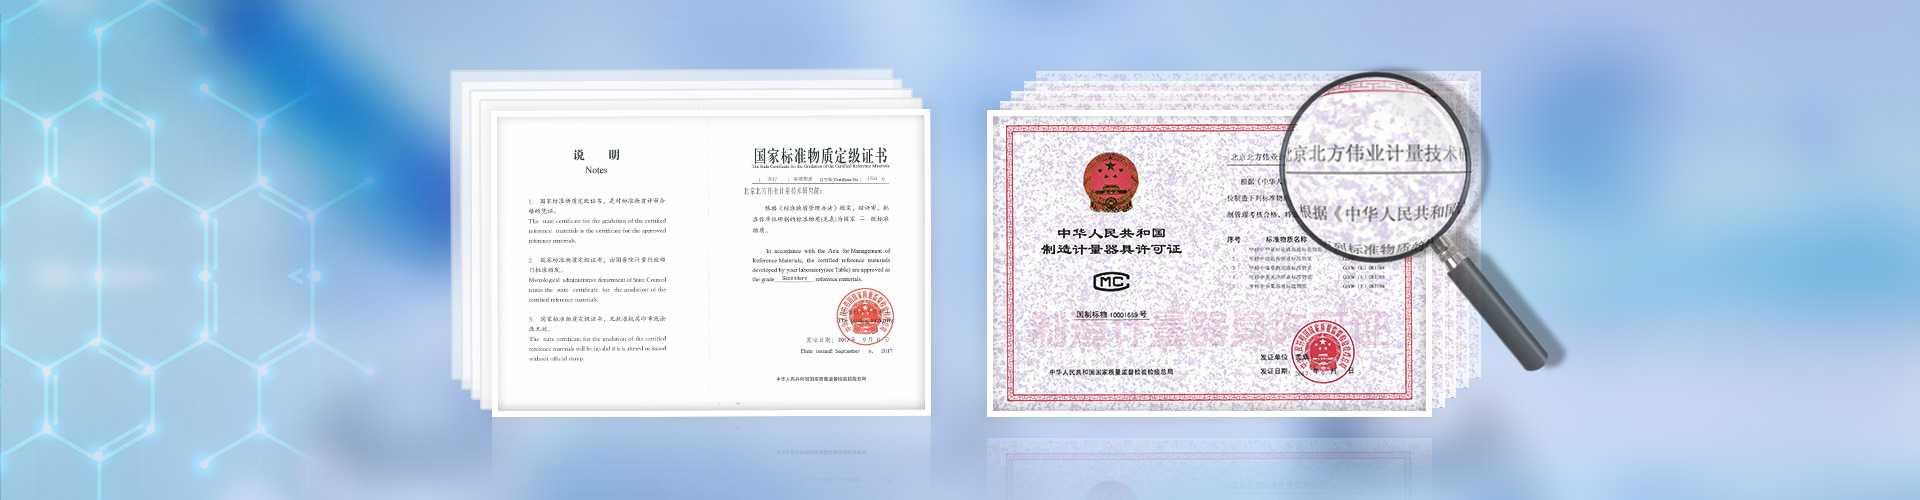 资质证书-www.bzwz.com国家标准物质网-标准物质